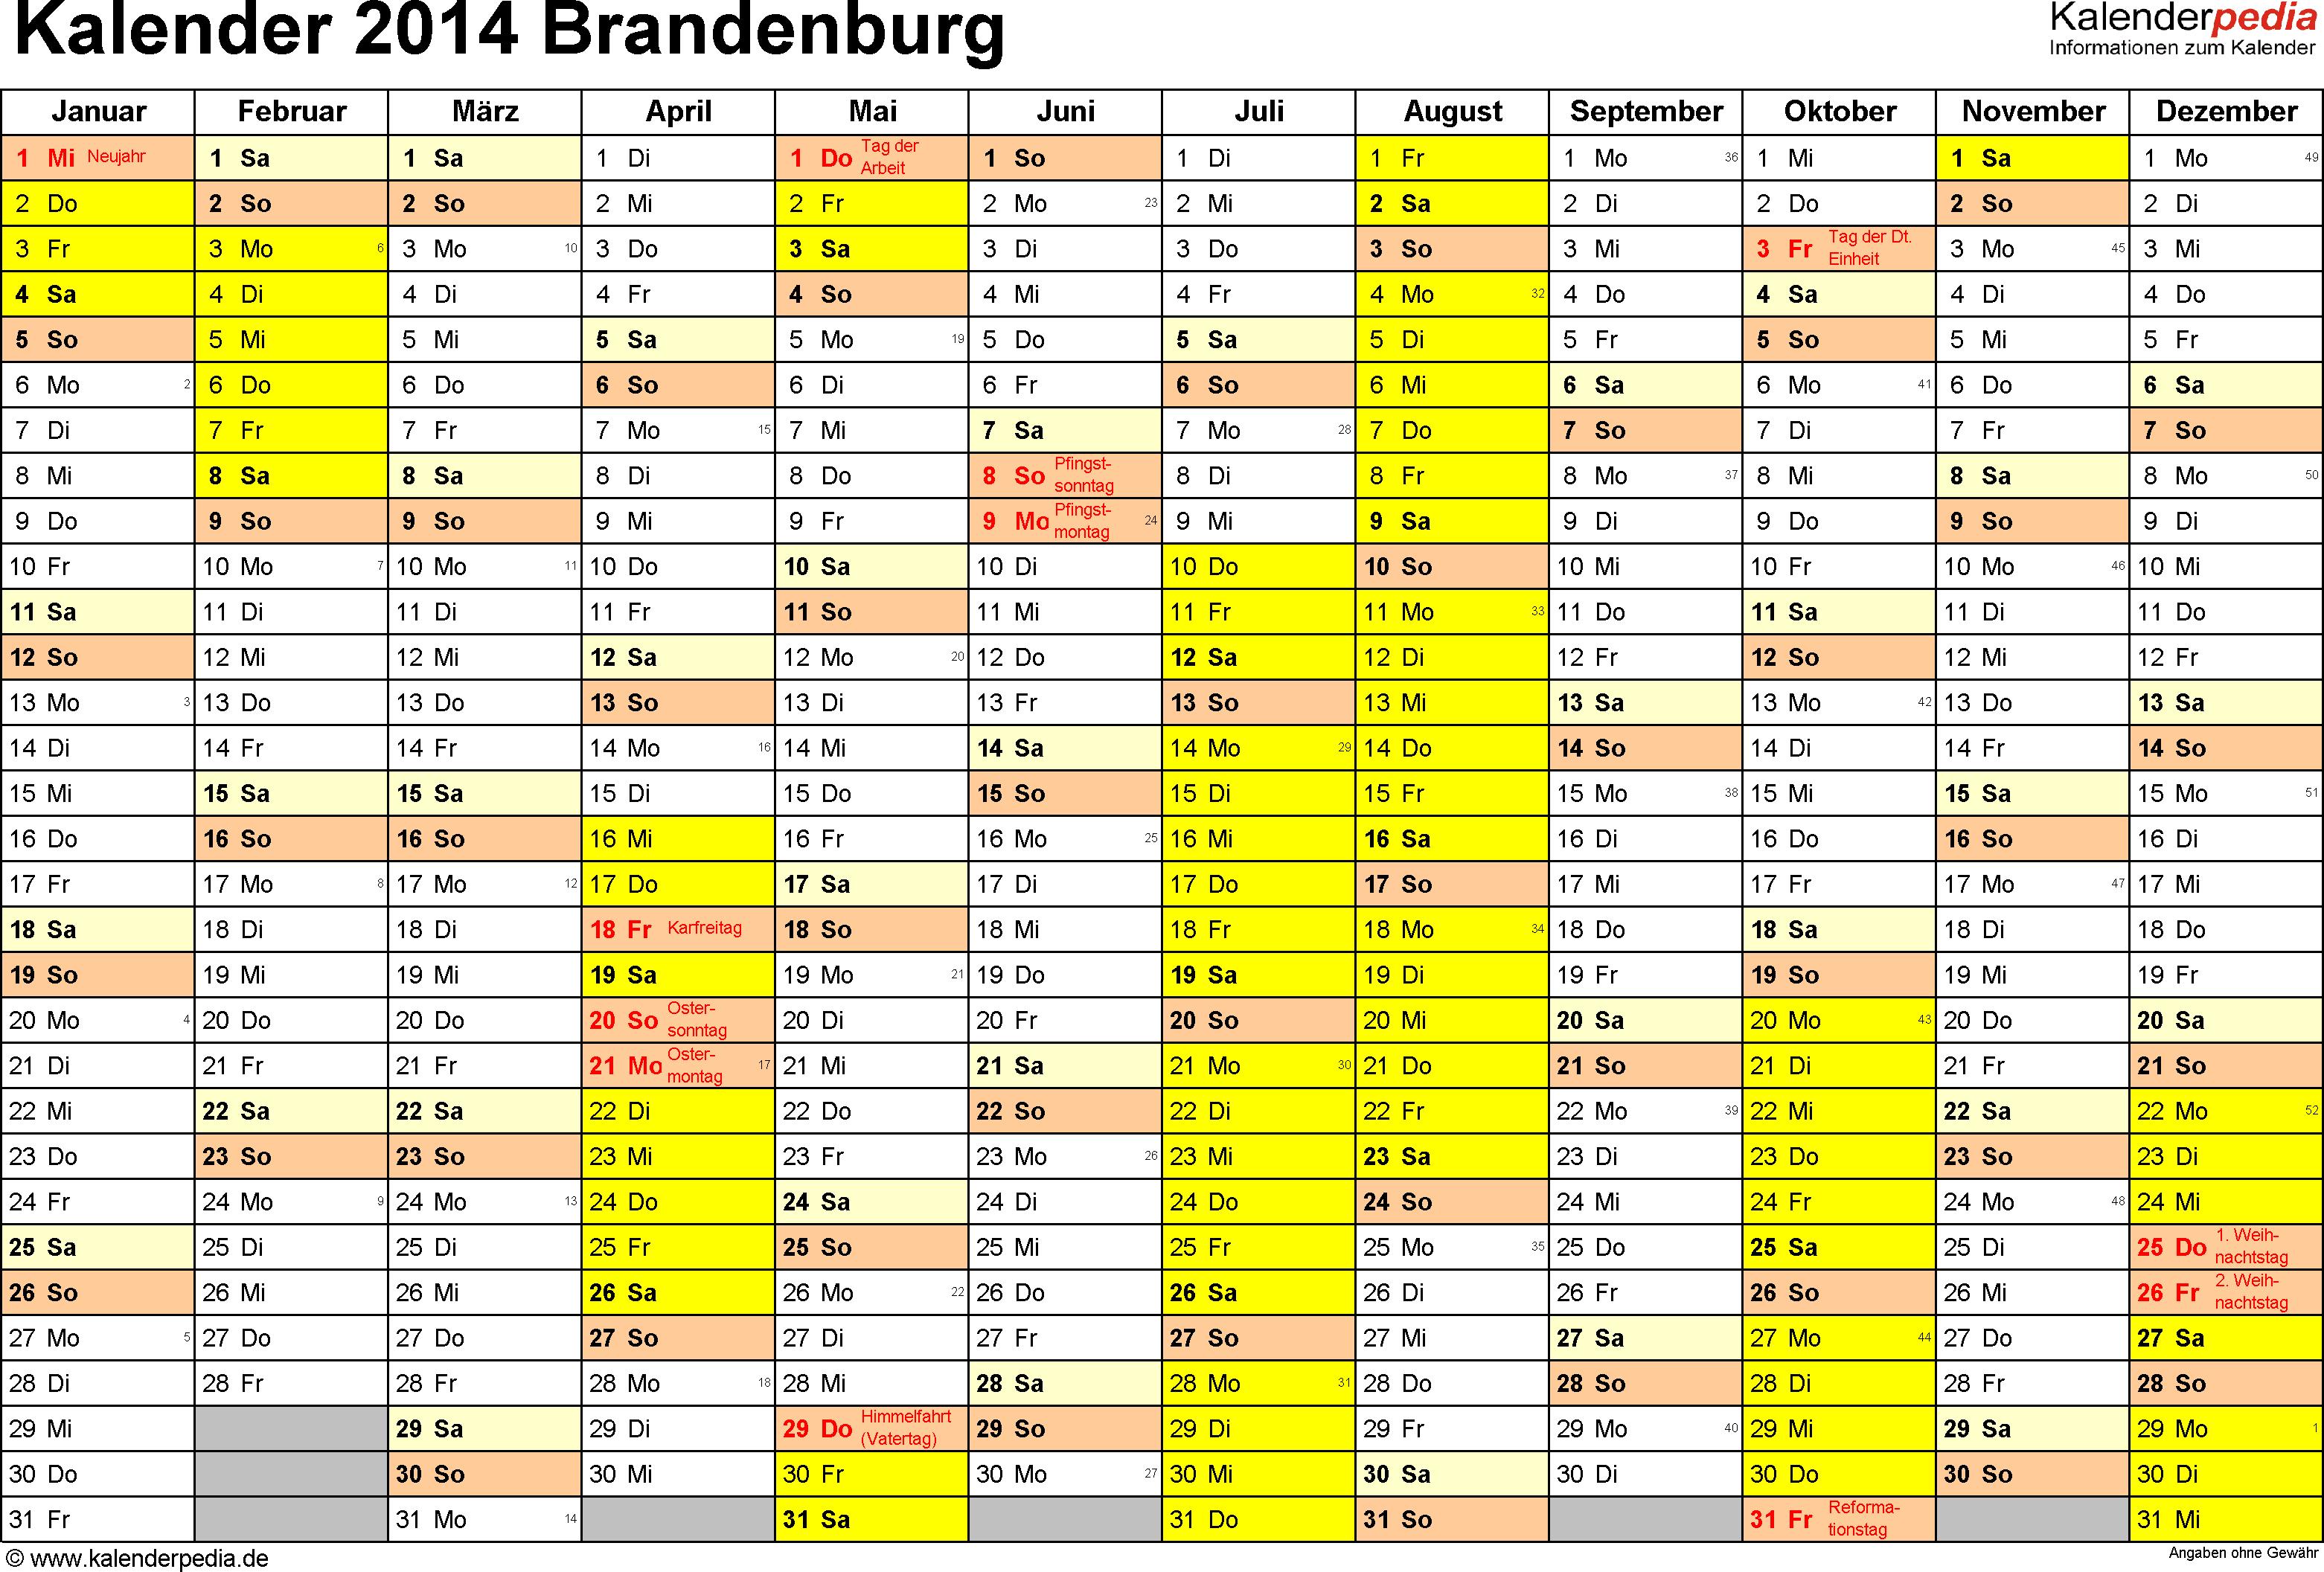 Vorlage 1: Kalender 2014 für Brandenburg als Excel-Vorlage (Querformat, 1 Seite)